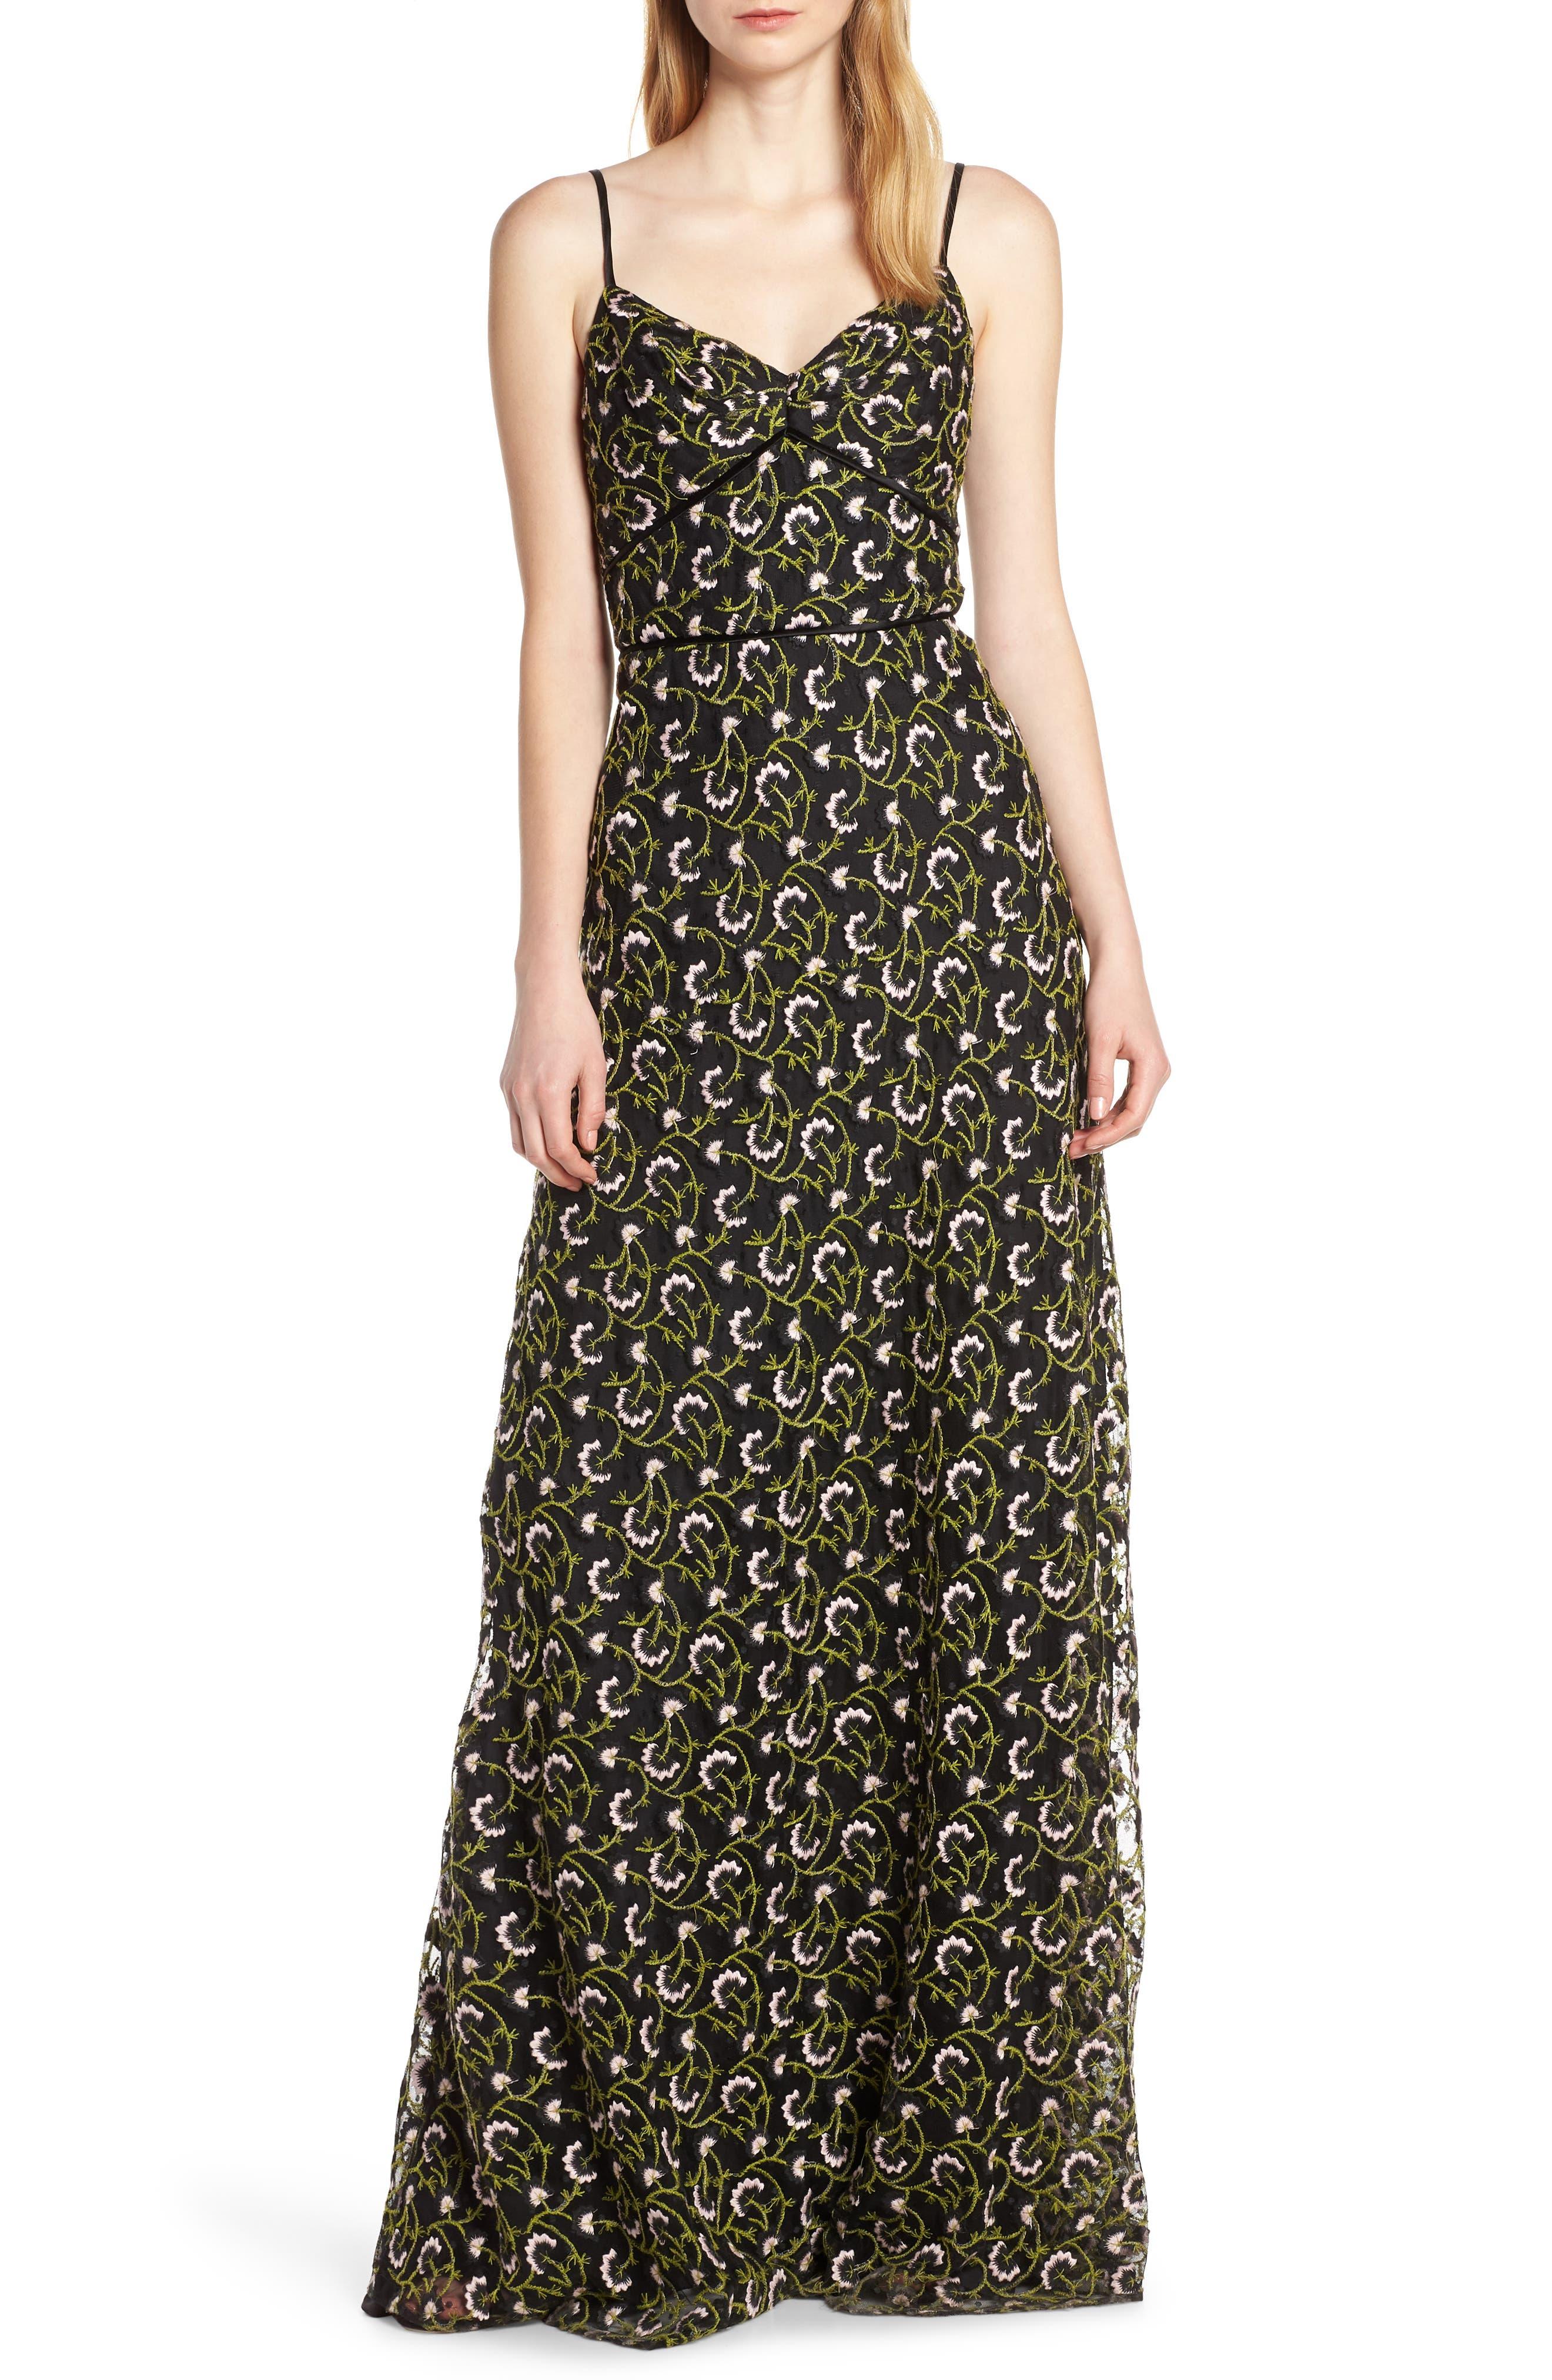 Jill Jill Stuart Floral Embroidered Lace Maxi Dress, Black